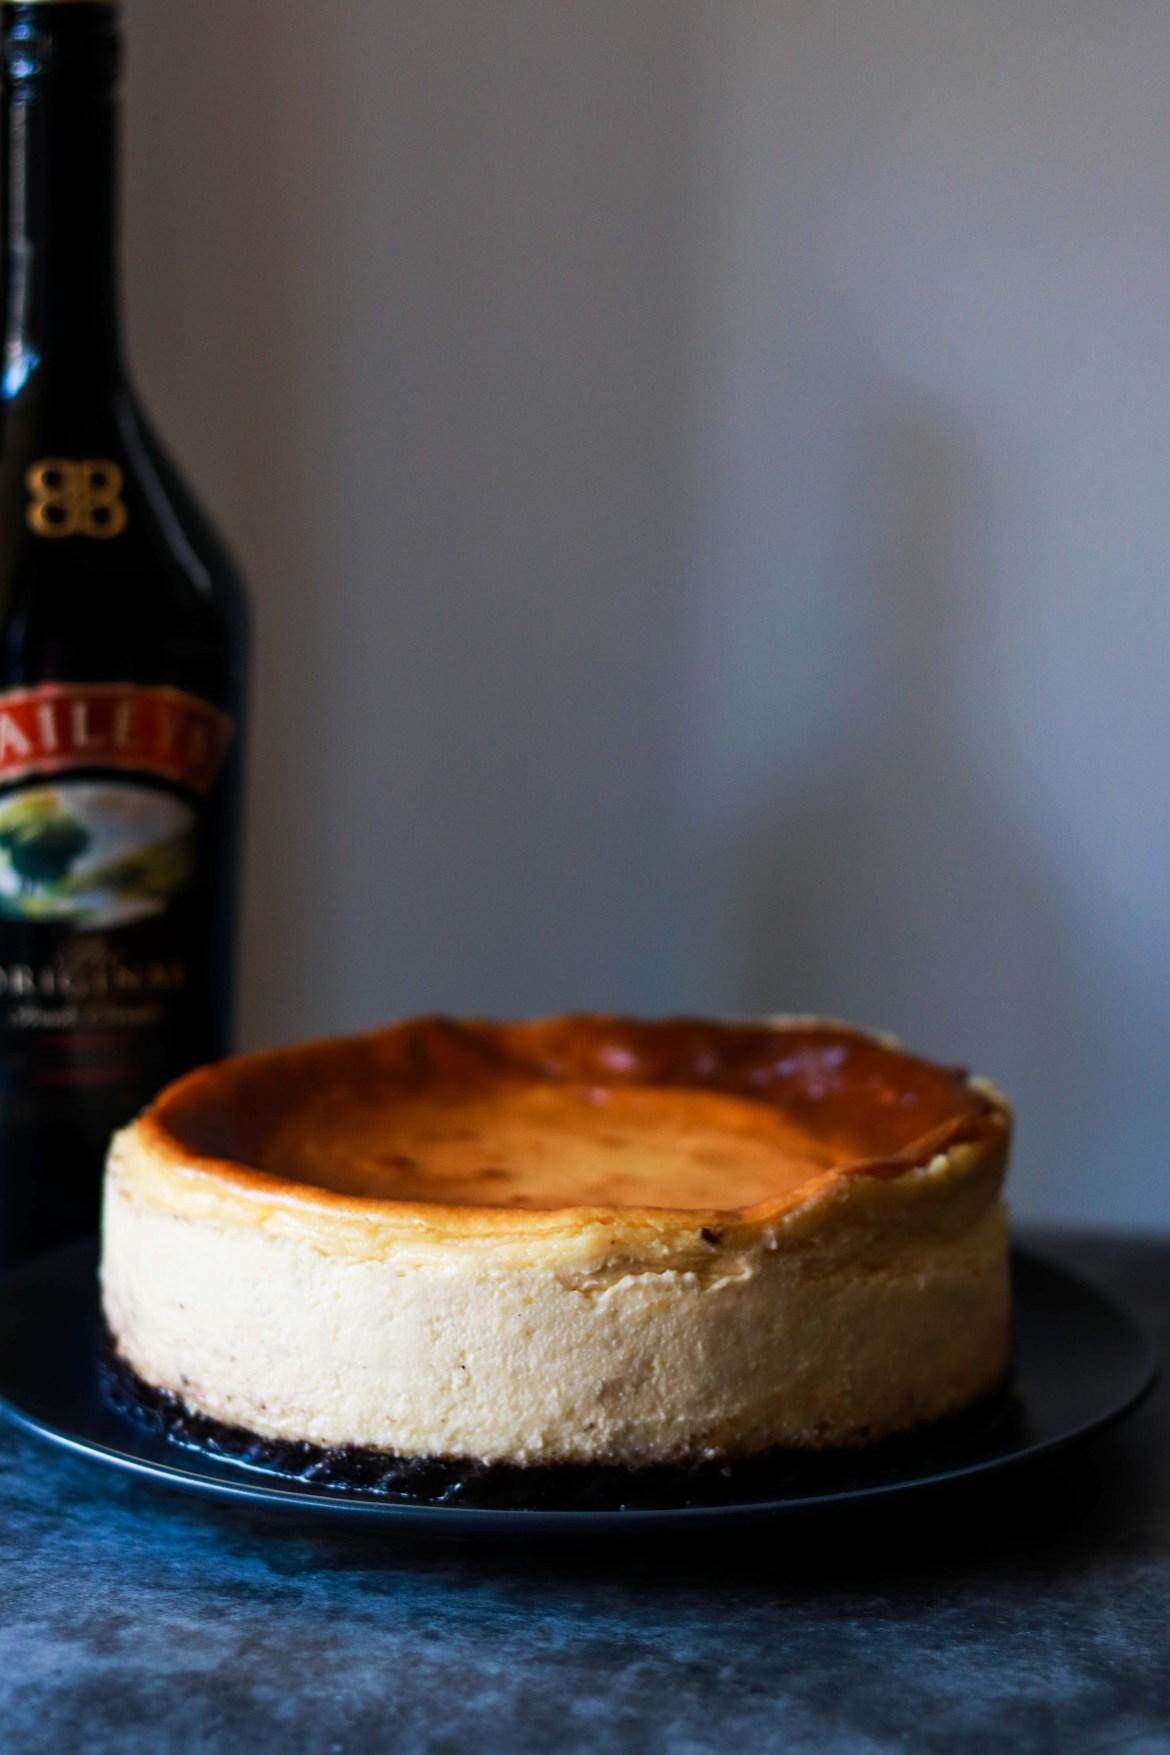 Baked Bailyes Cheesecake with Oreo Base